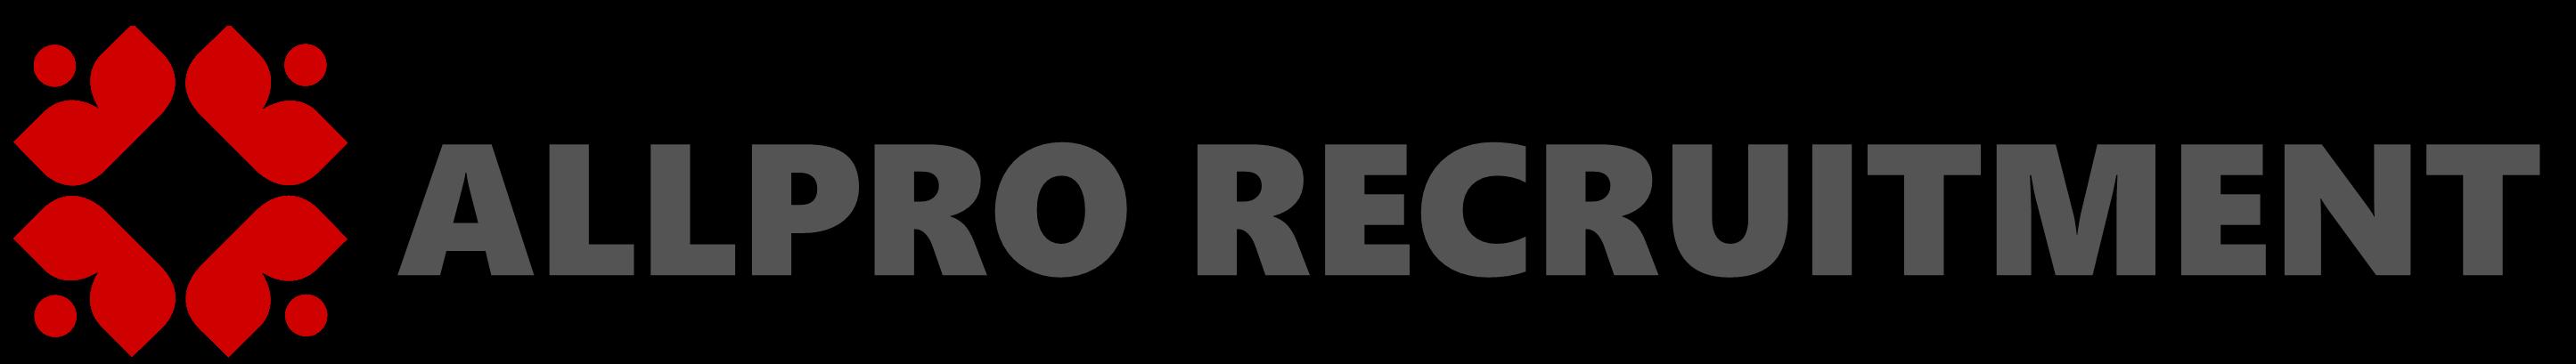 AllPro-New-logo-1